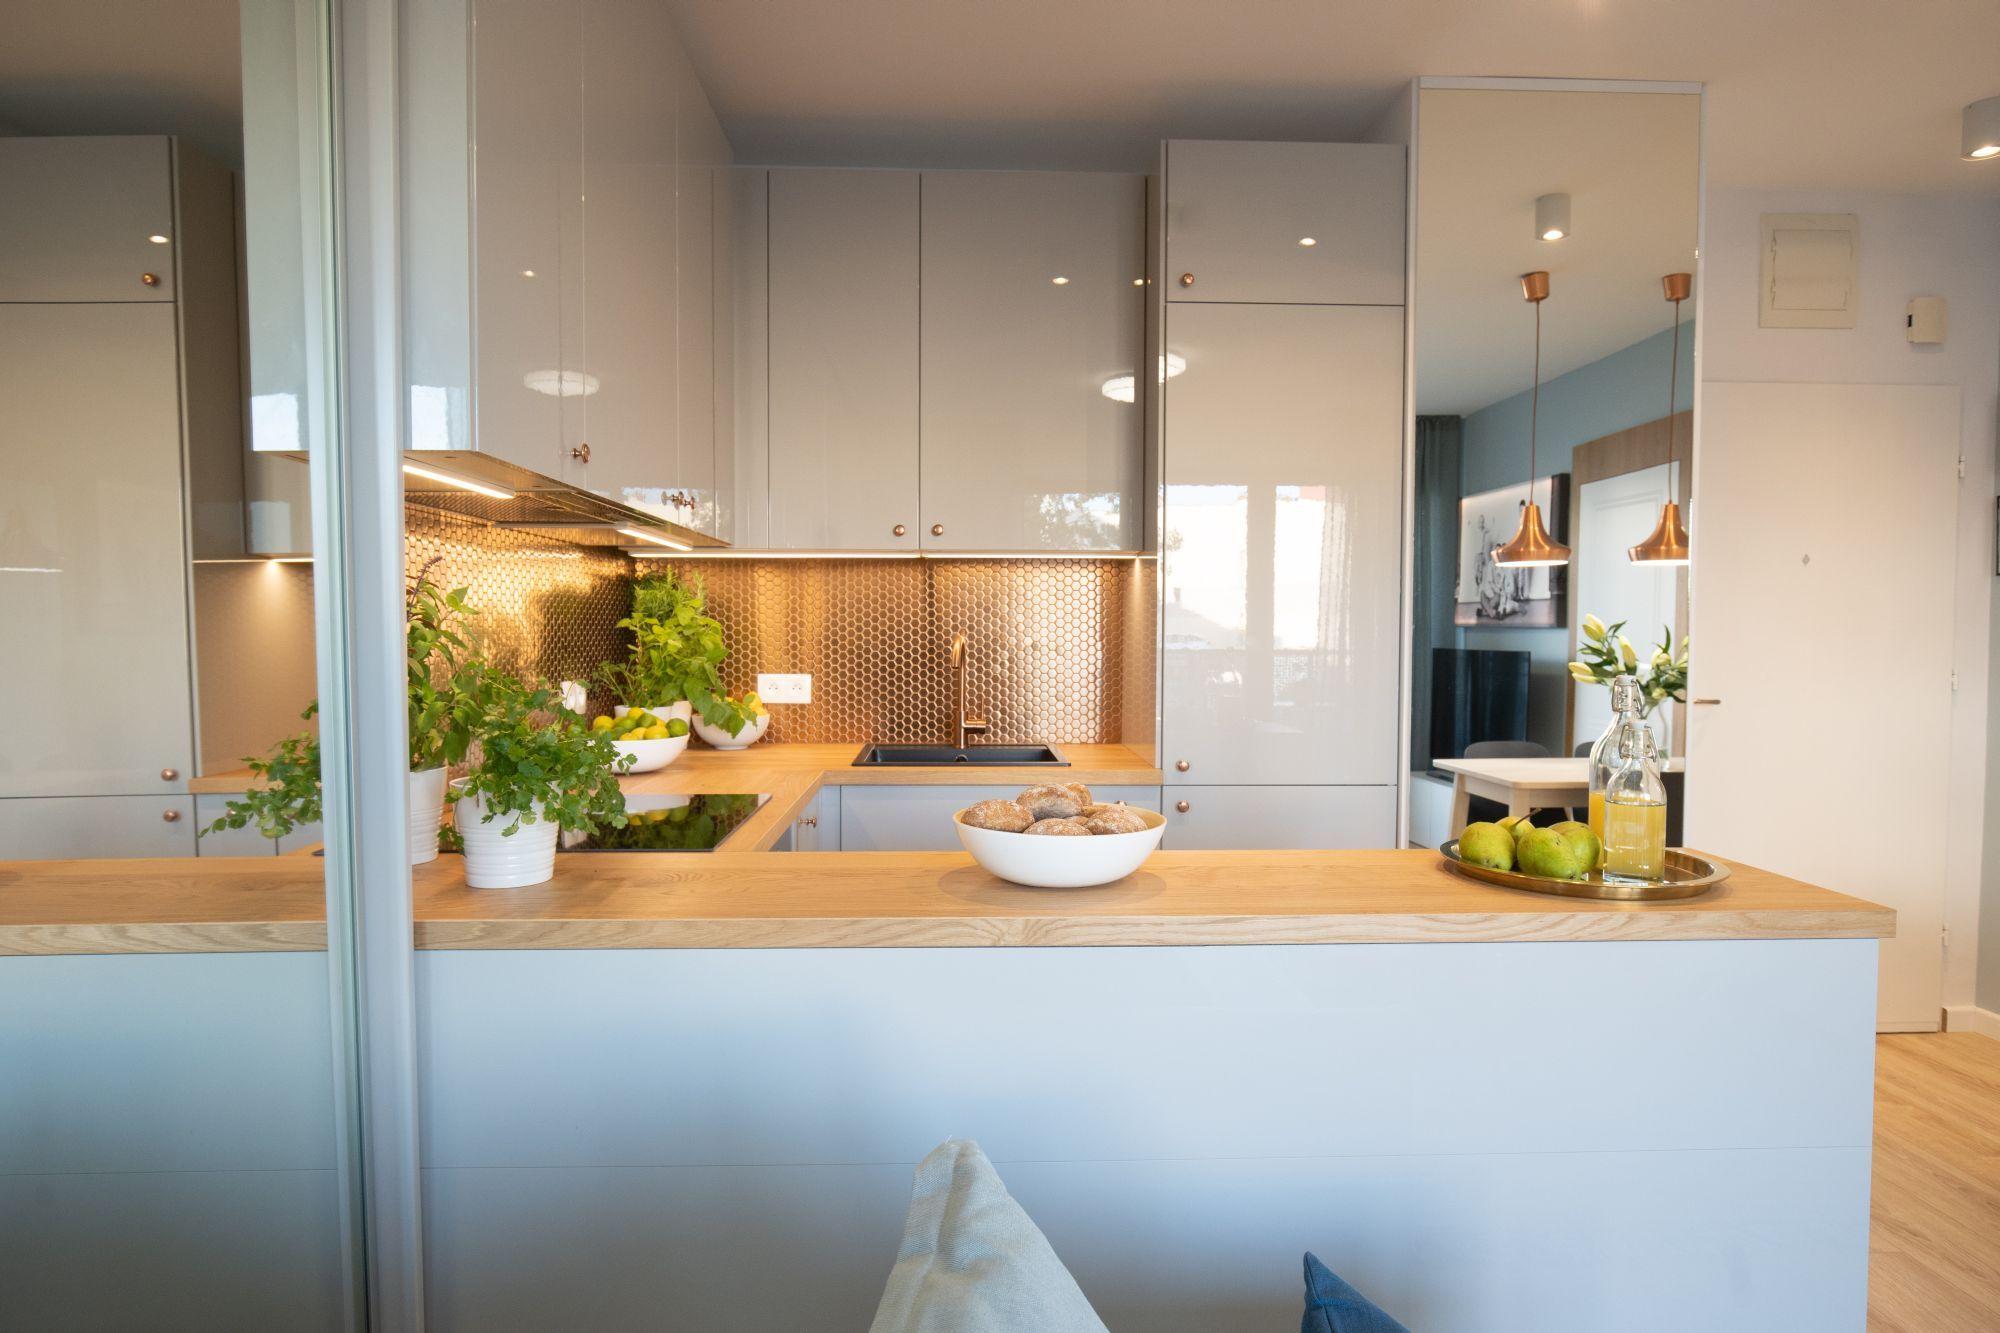 Domowe Rewolucje Małe Mieszkanie 5 Osób Metamorfoza Szelągowska